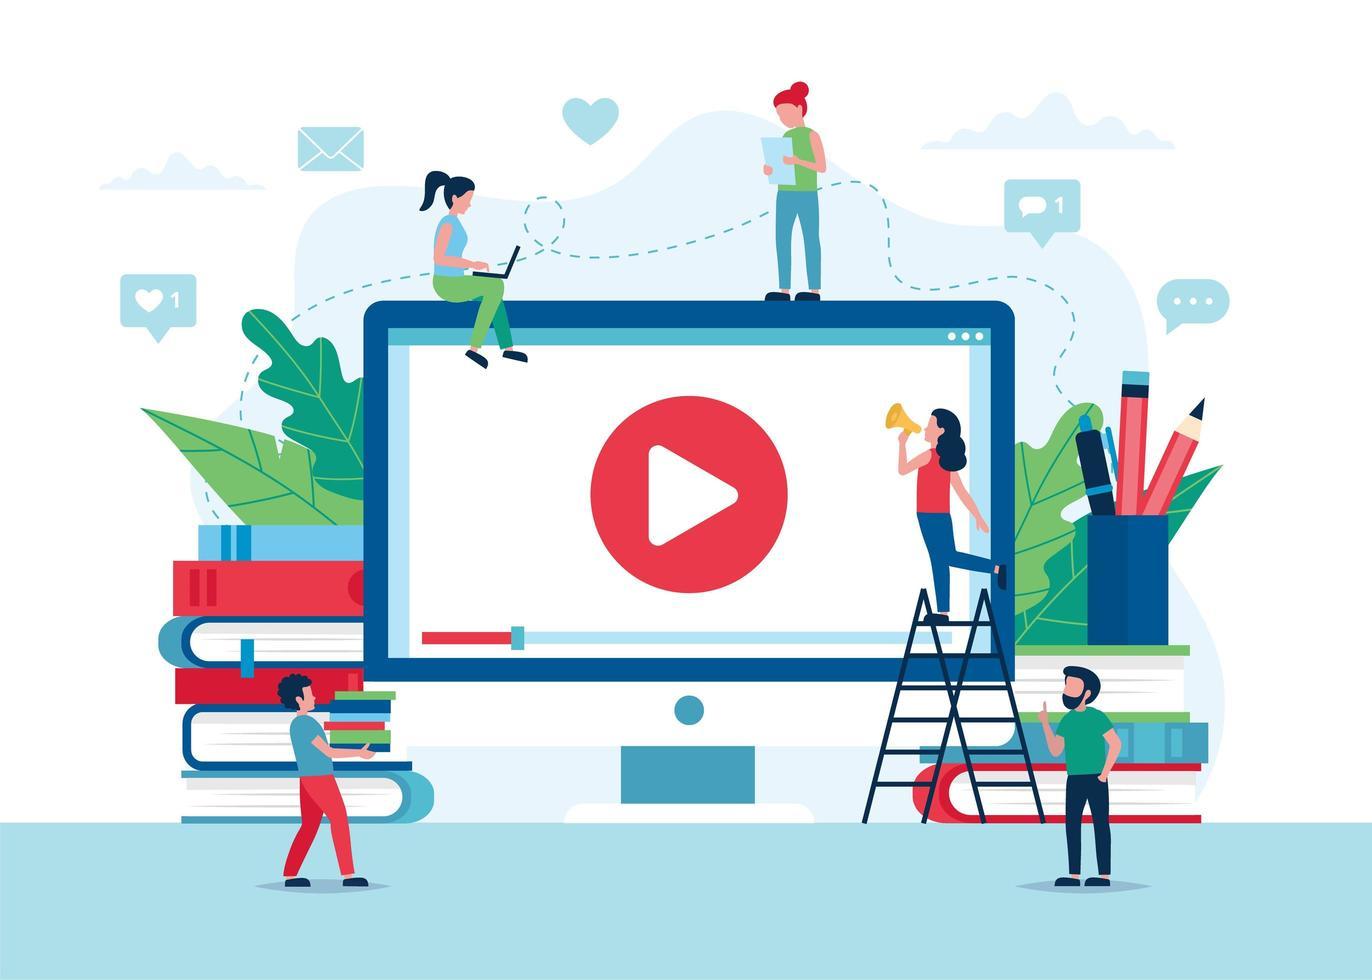 pantalla de educación en línea con video, libros y lápices vector